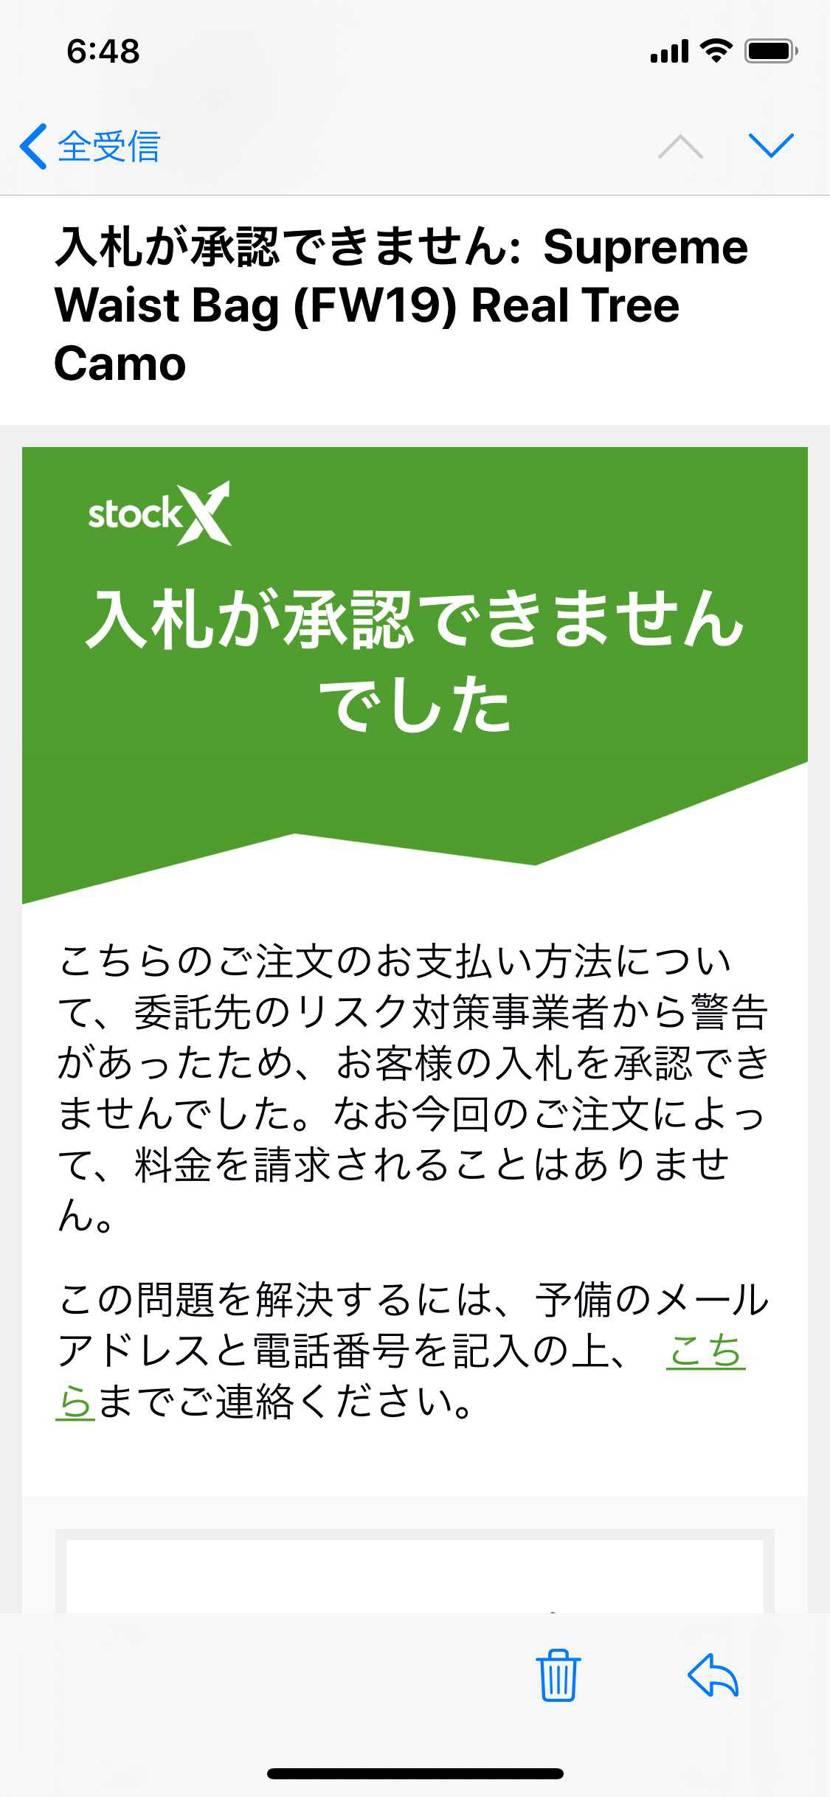 stockXをご利用の皆様 欲しい商品があり希望価格を入札しているのですが